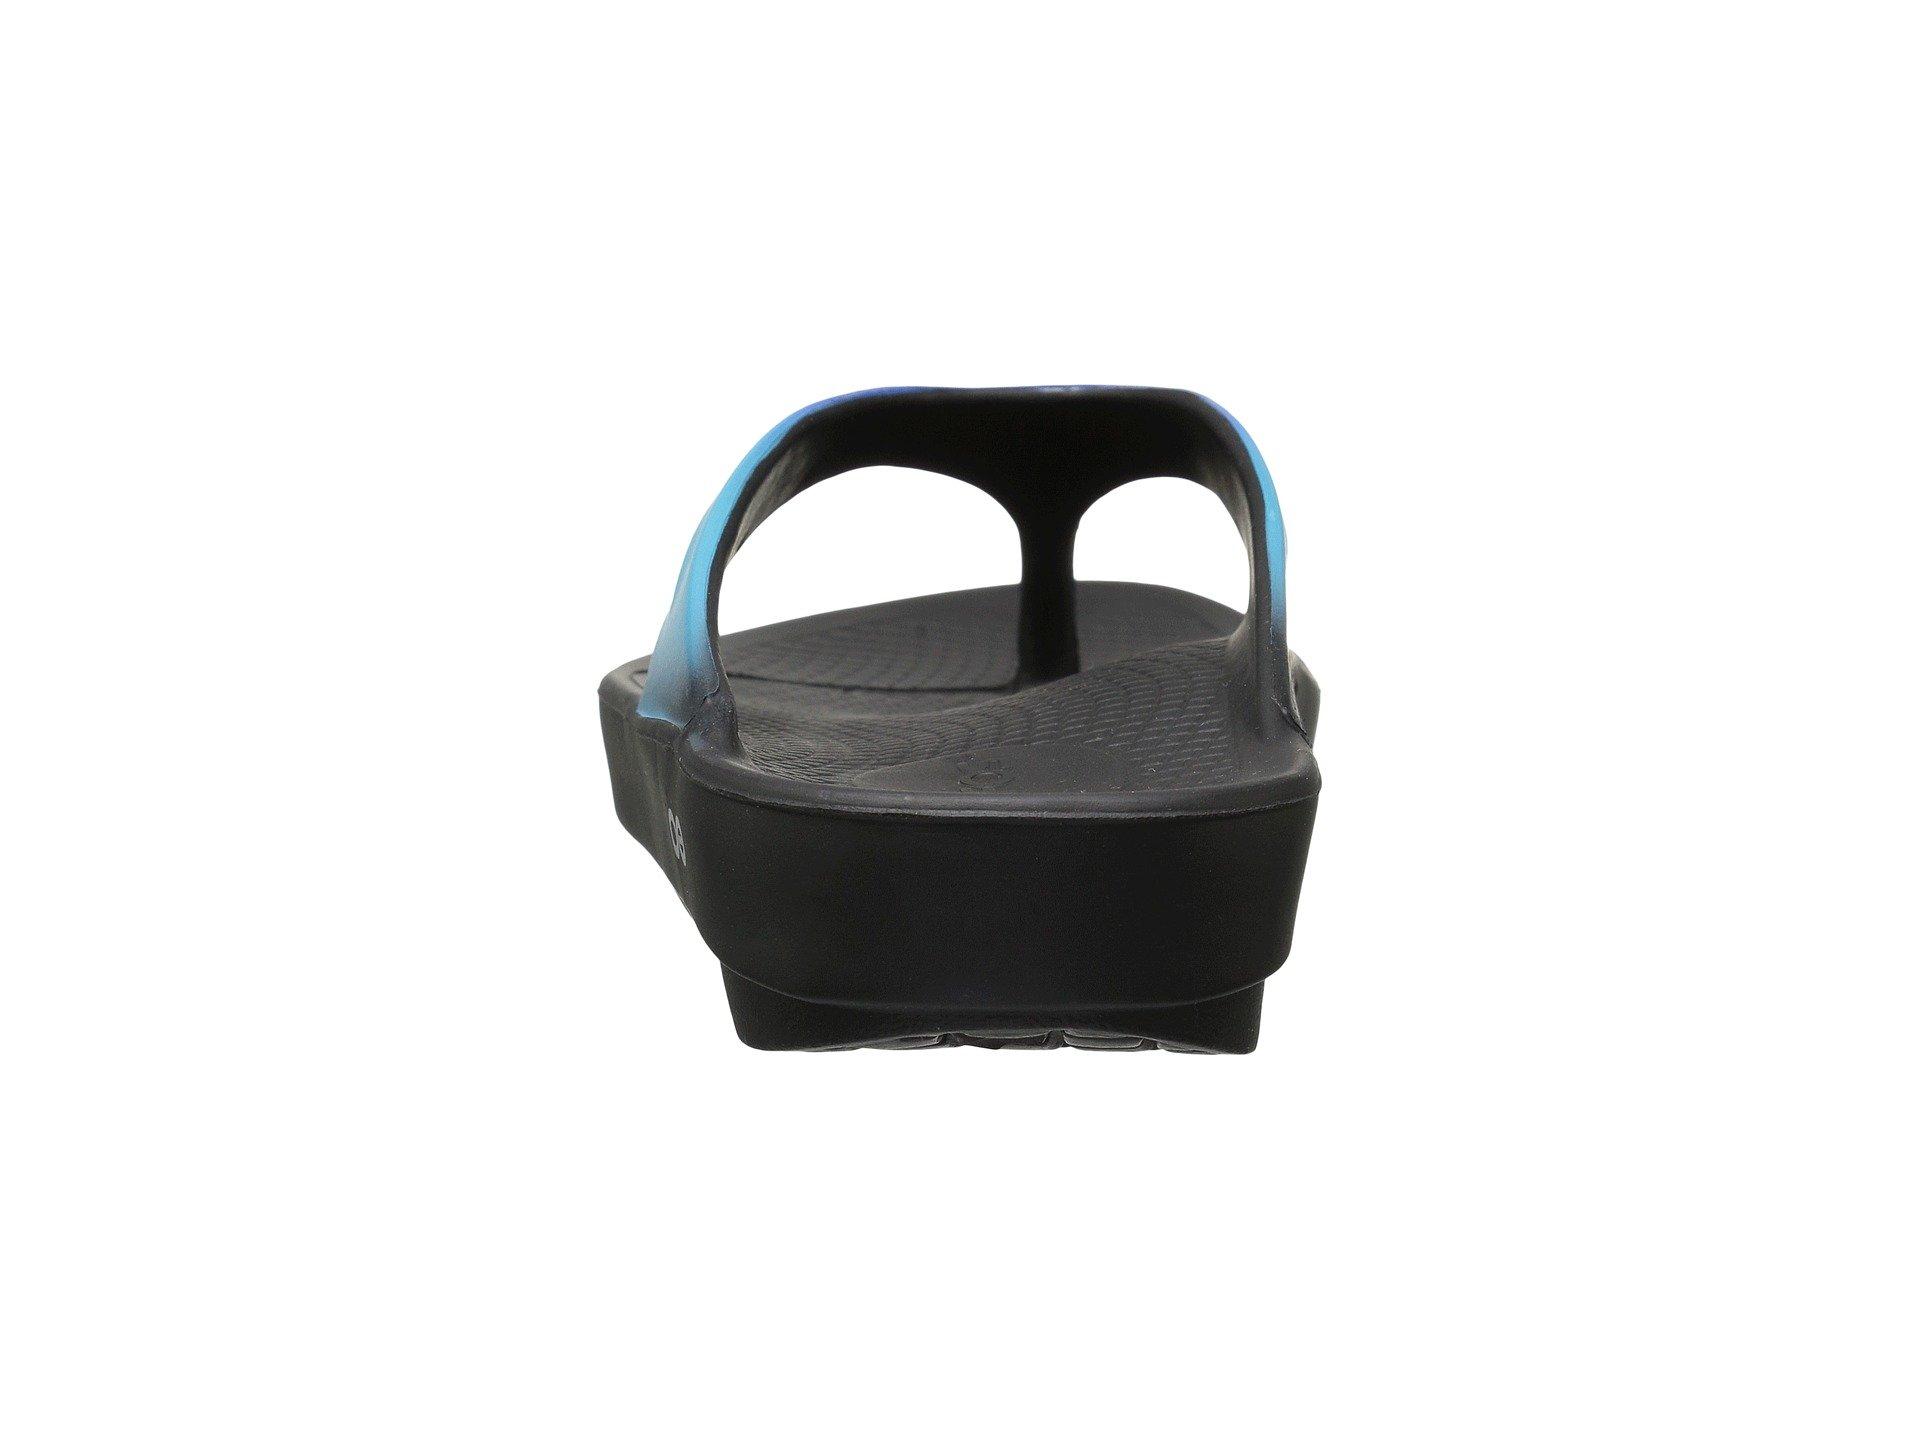 Jay Oofos Oolala blue Sandal Black 6qwRnx6rUI